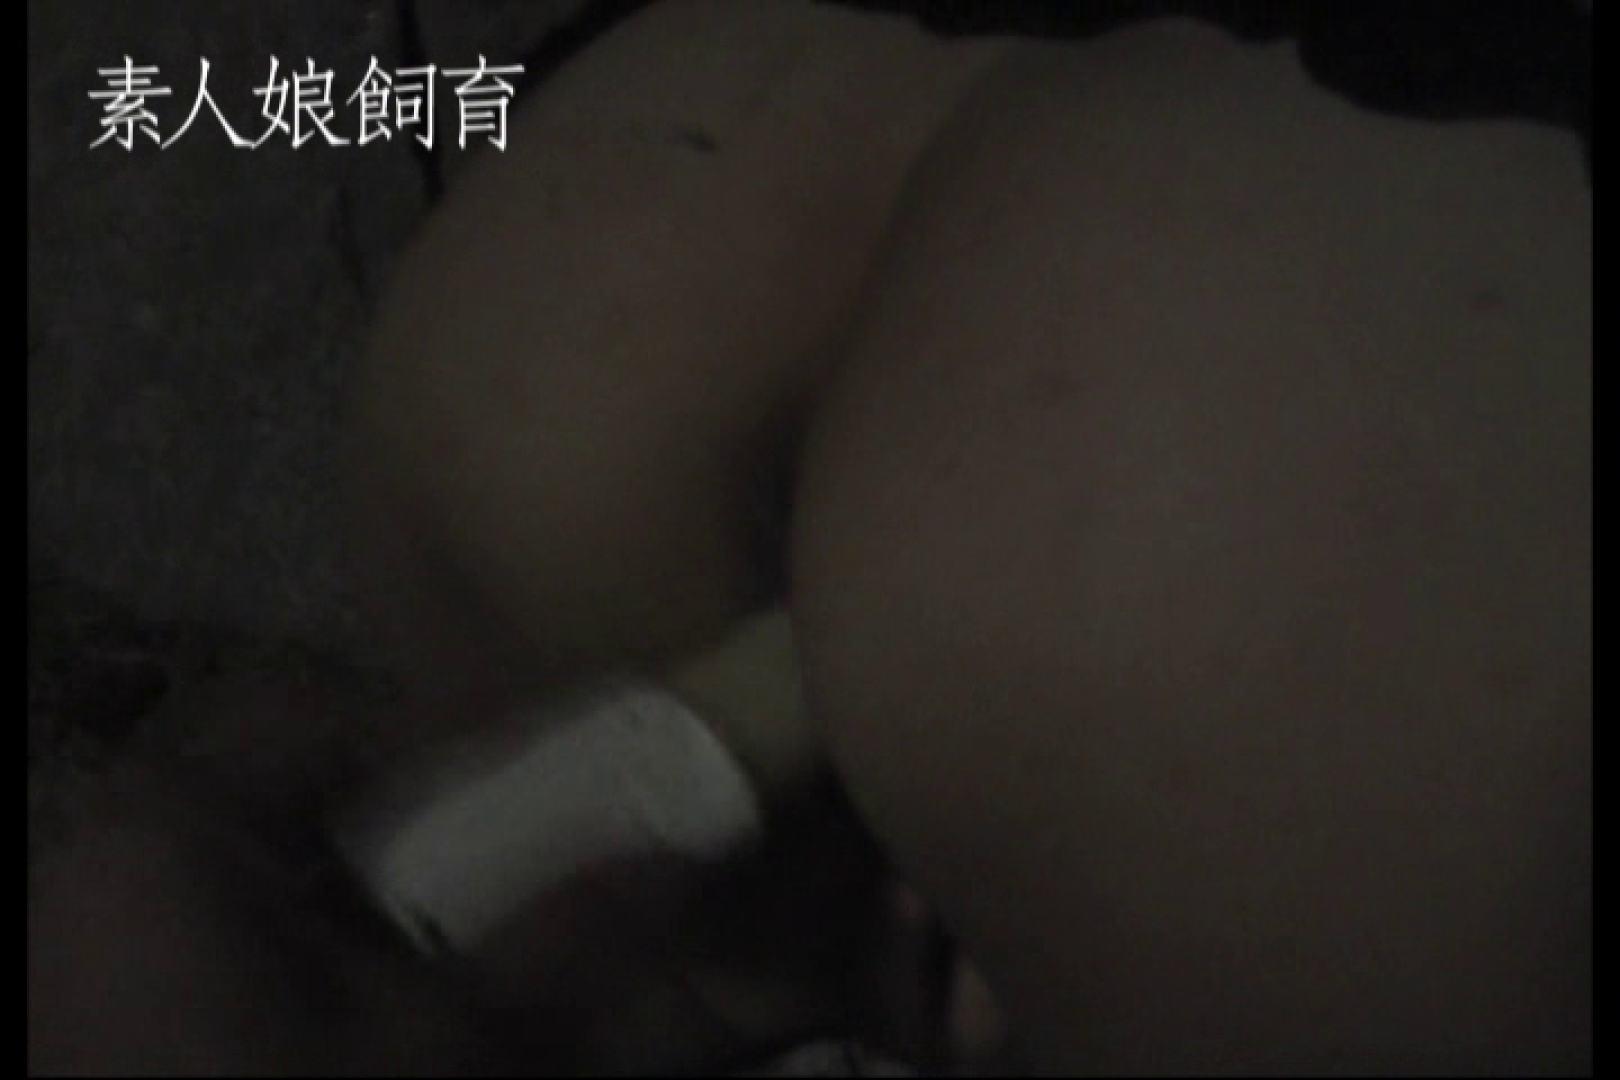 素人娘飼育~お前の餌は他人棒~公園でバイブとお漏らし 一般投稿 盗み撮り動画 77pic 12